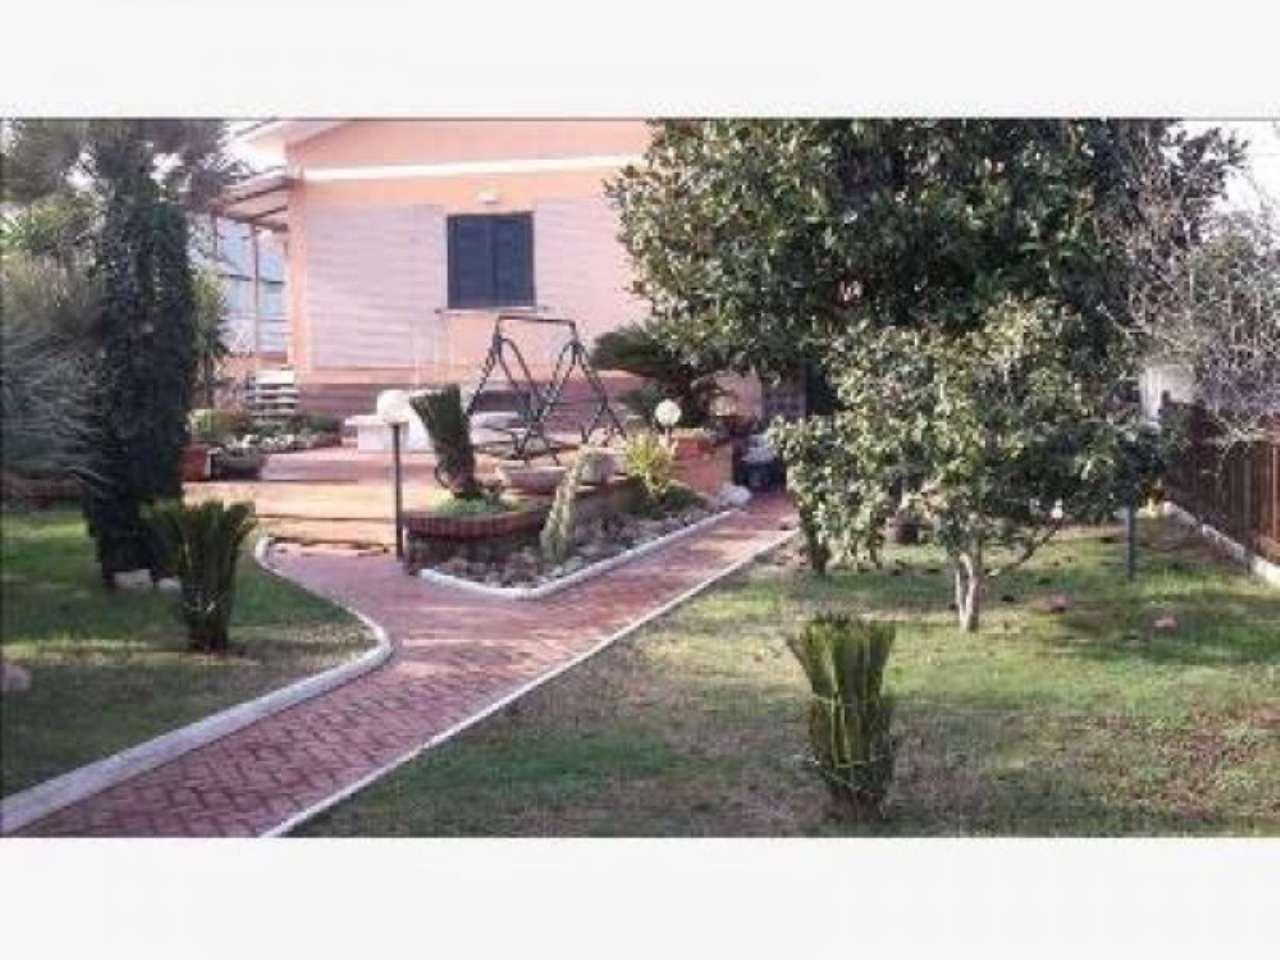 Villa in vendita a Nettuno, 9999 locali, prezzo € 310.000 | Cambio Casa.it